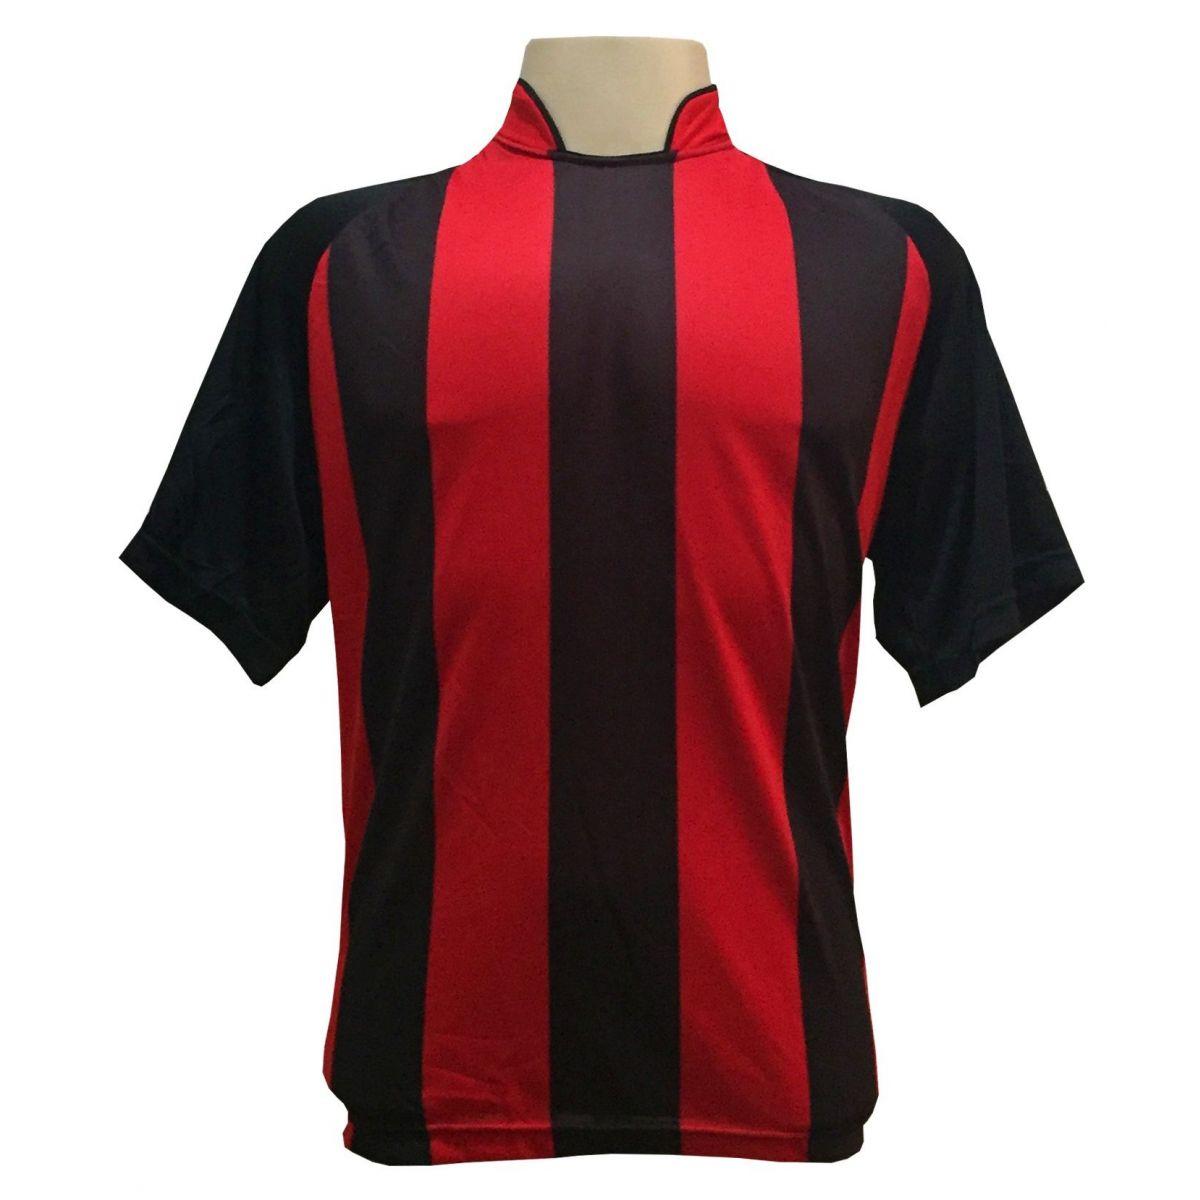 Fardamento Completo modelo Milan 20+2 (20 camisas Preto/Vermelho + 20 calções modelo Madrid Preto + 20 pares de meiões Preto + 2 conjuntos de goleiro) + Brindes